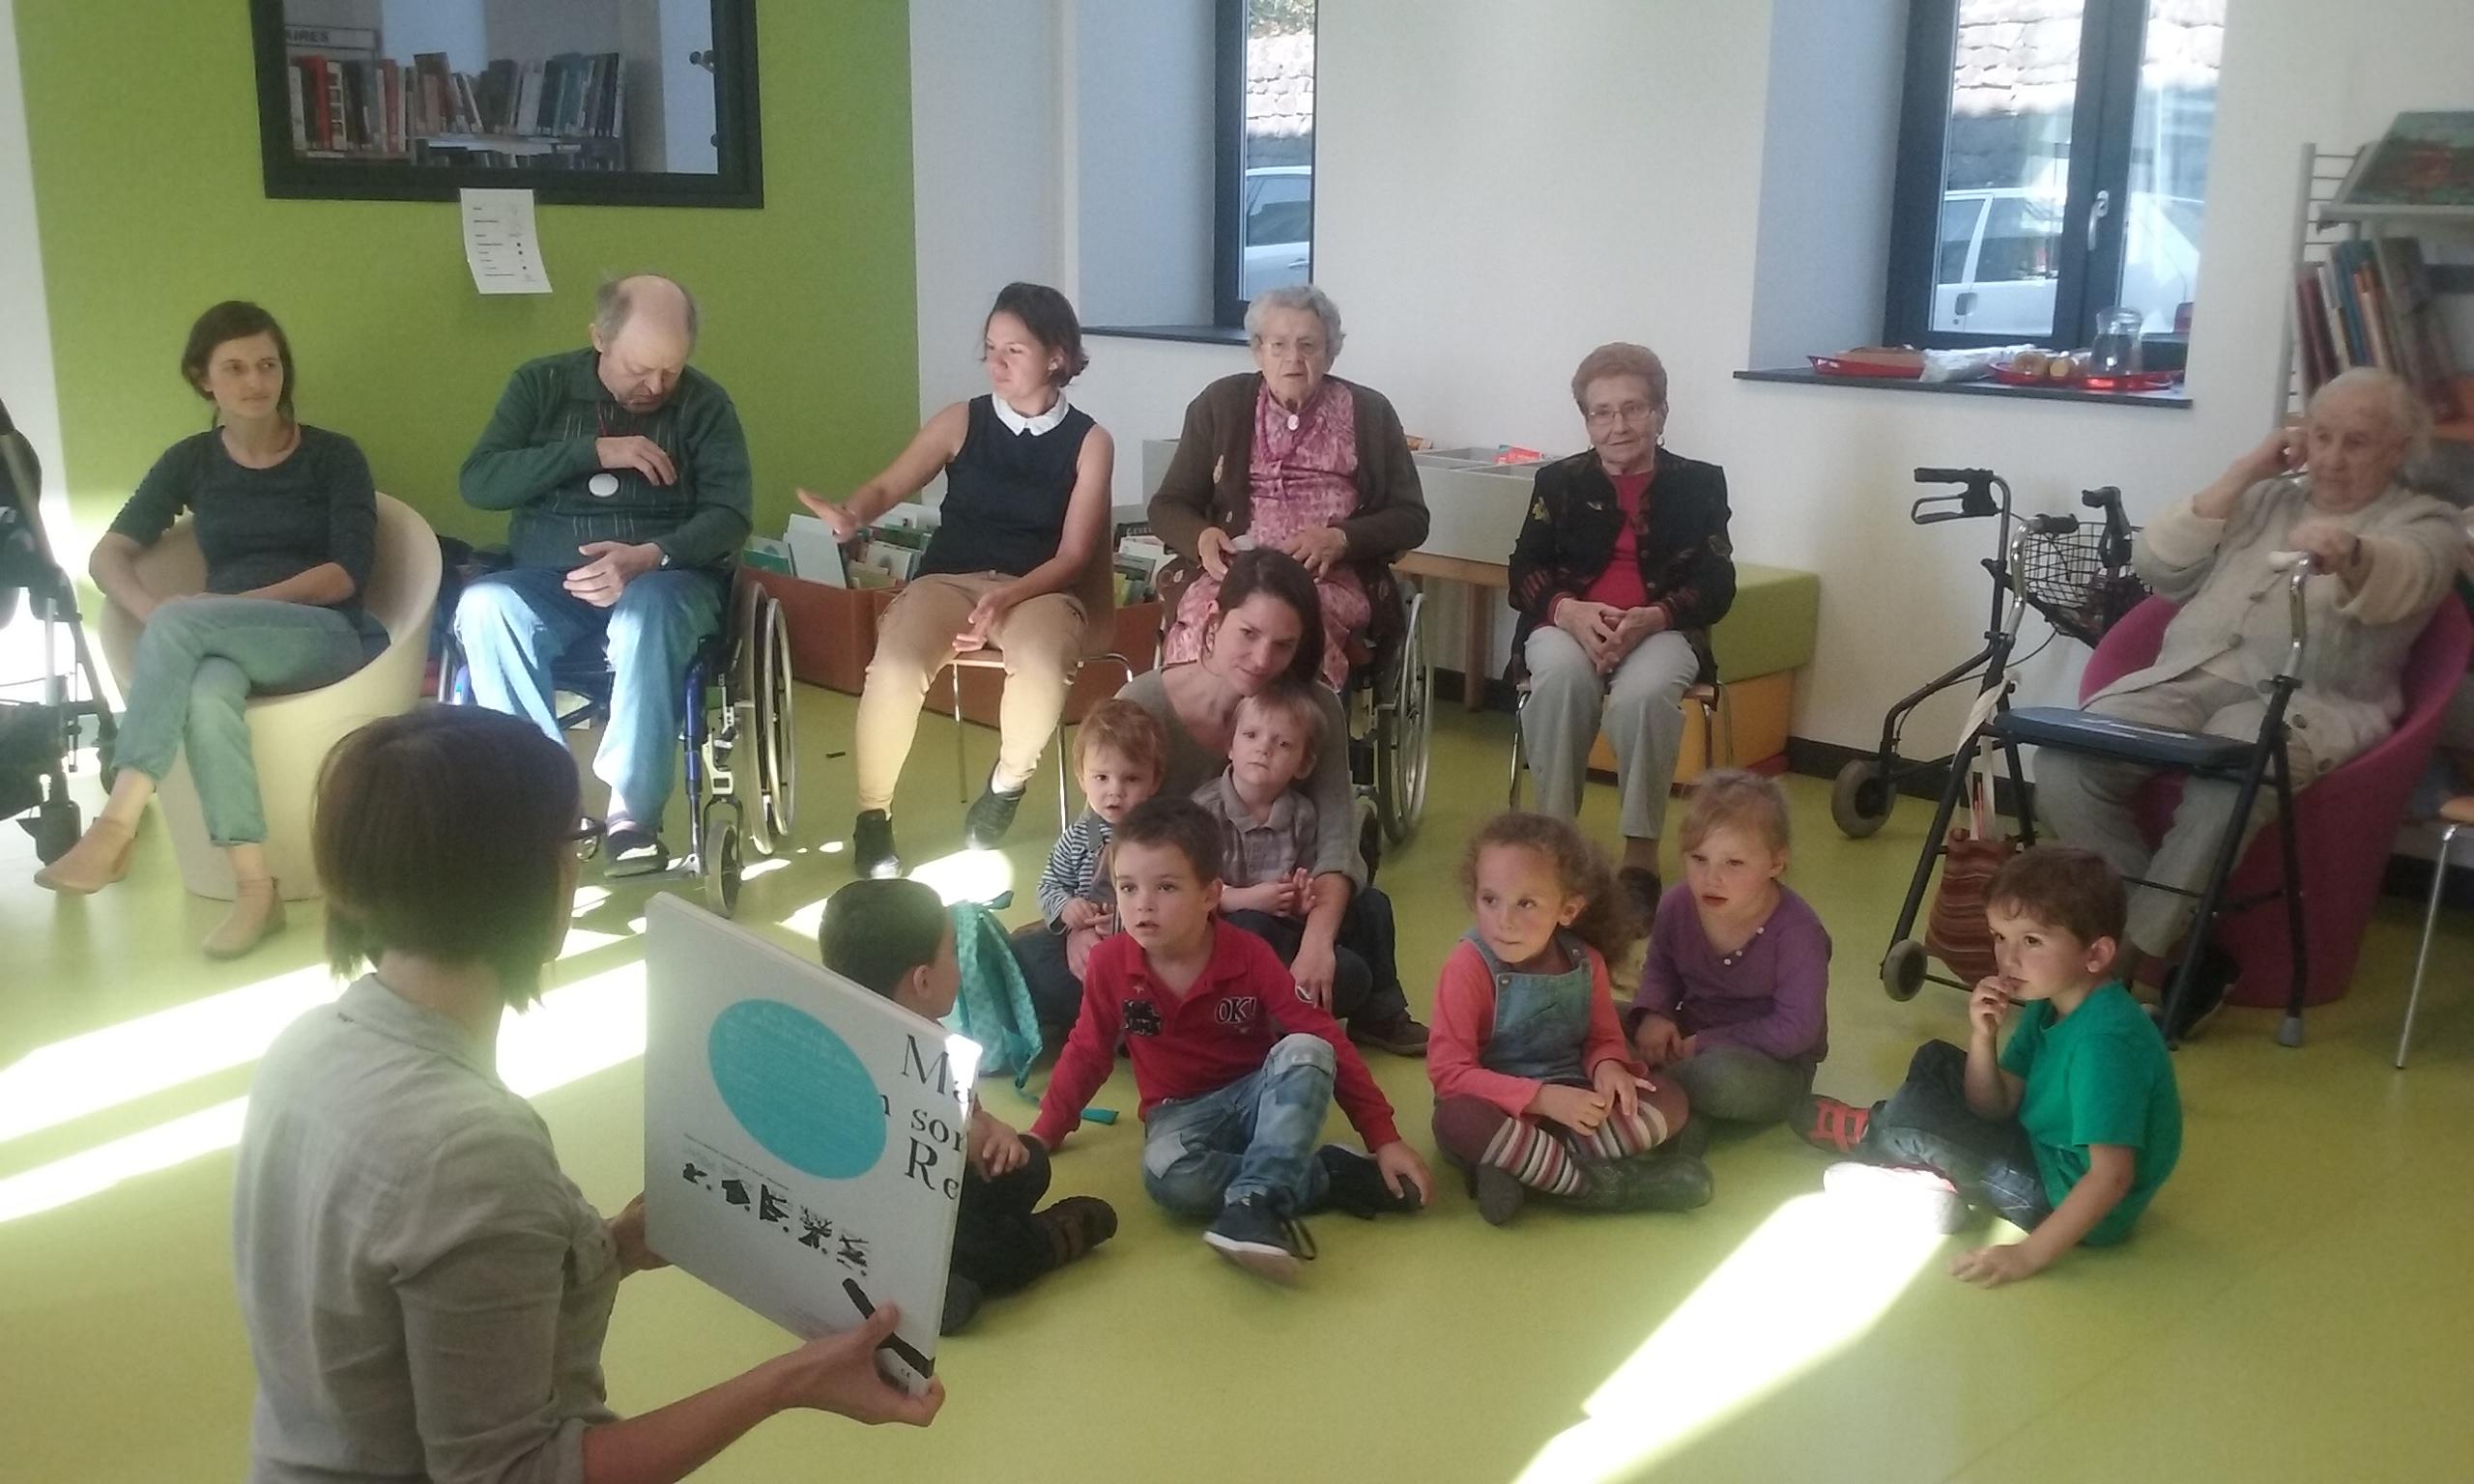 Enfance jeunesse lecture publique centre action sociale Chavanon Combrailles et Volcans